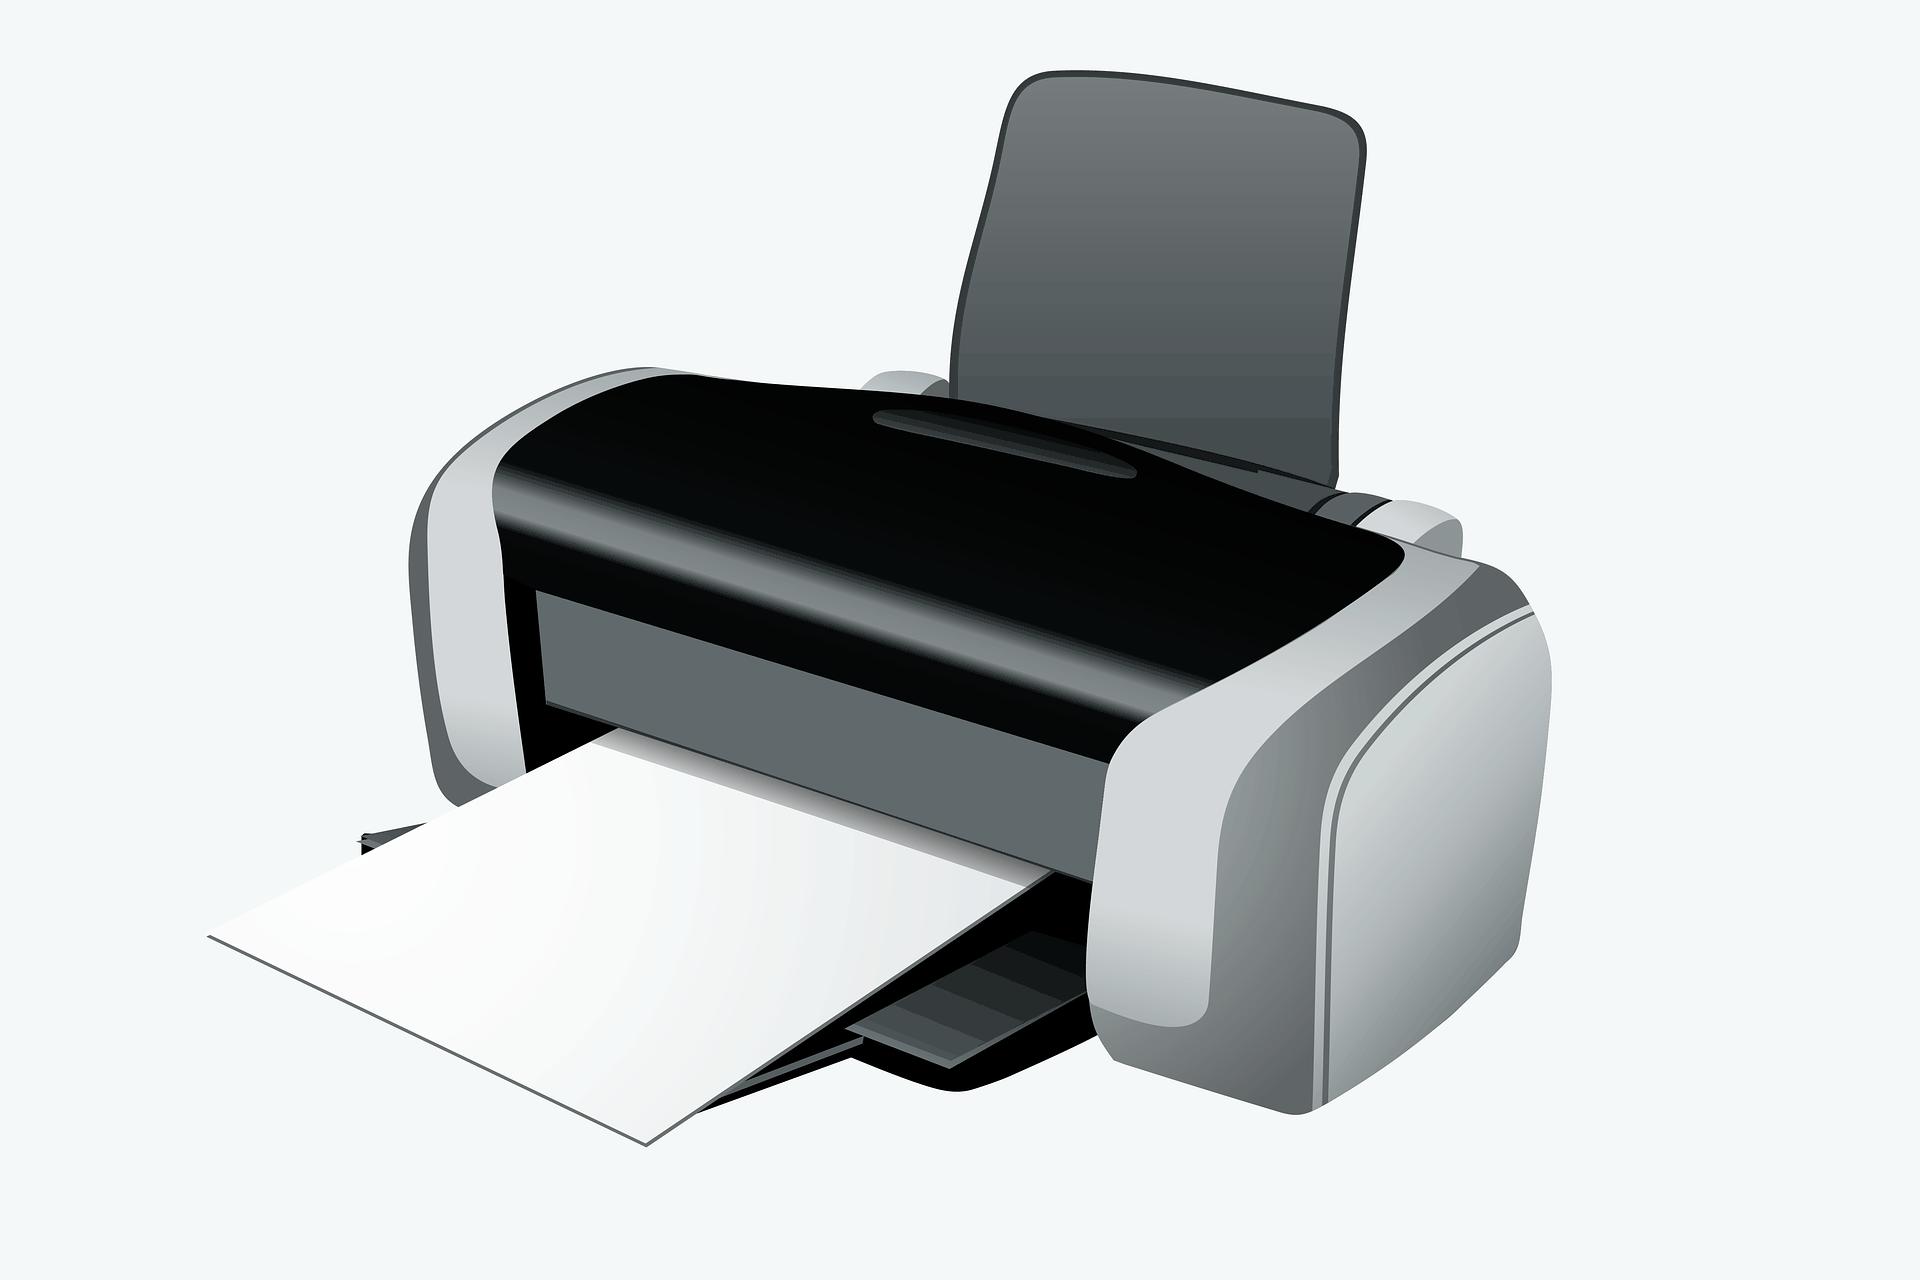 Votre imprimante n'est plus détectée sous Windows 10?